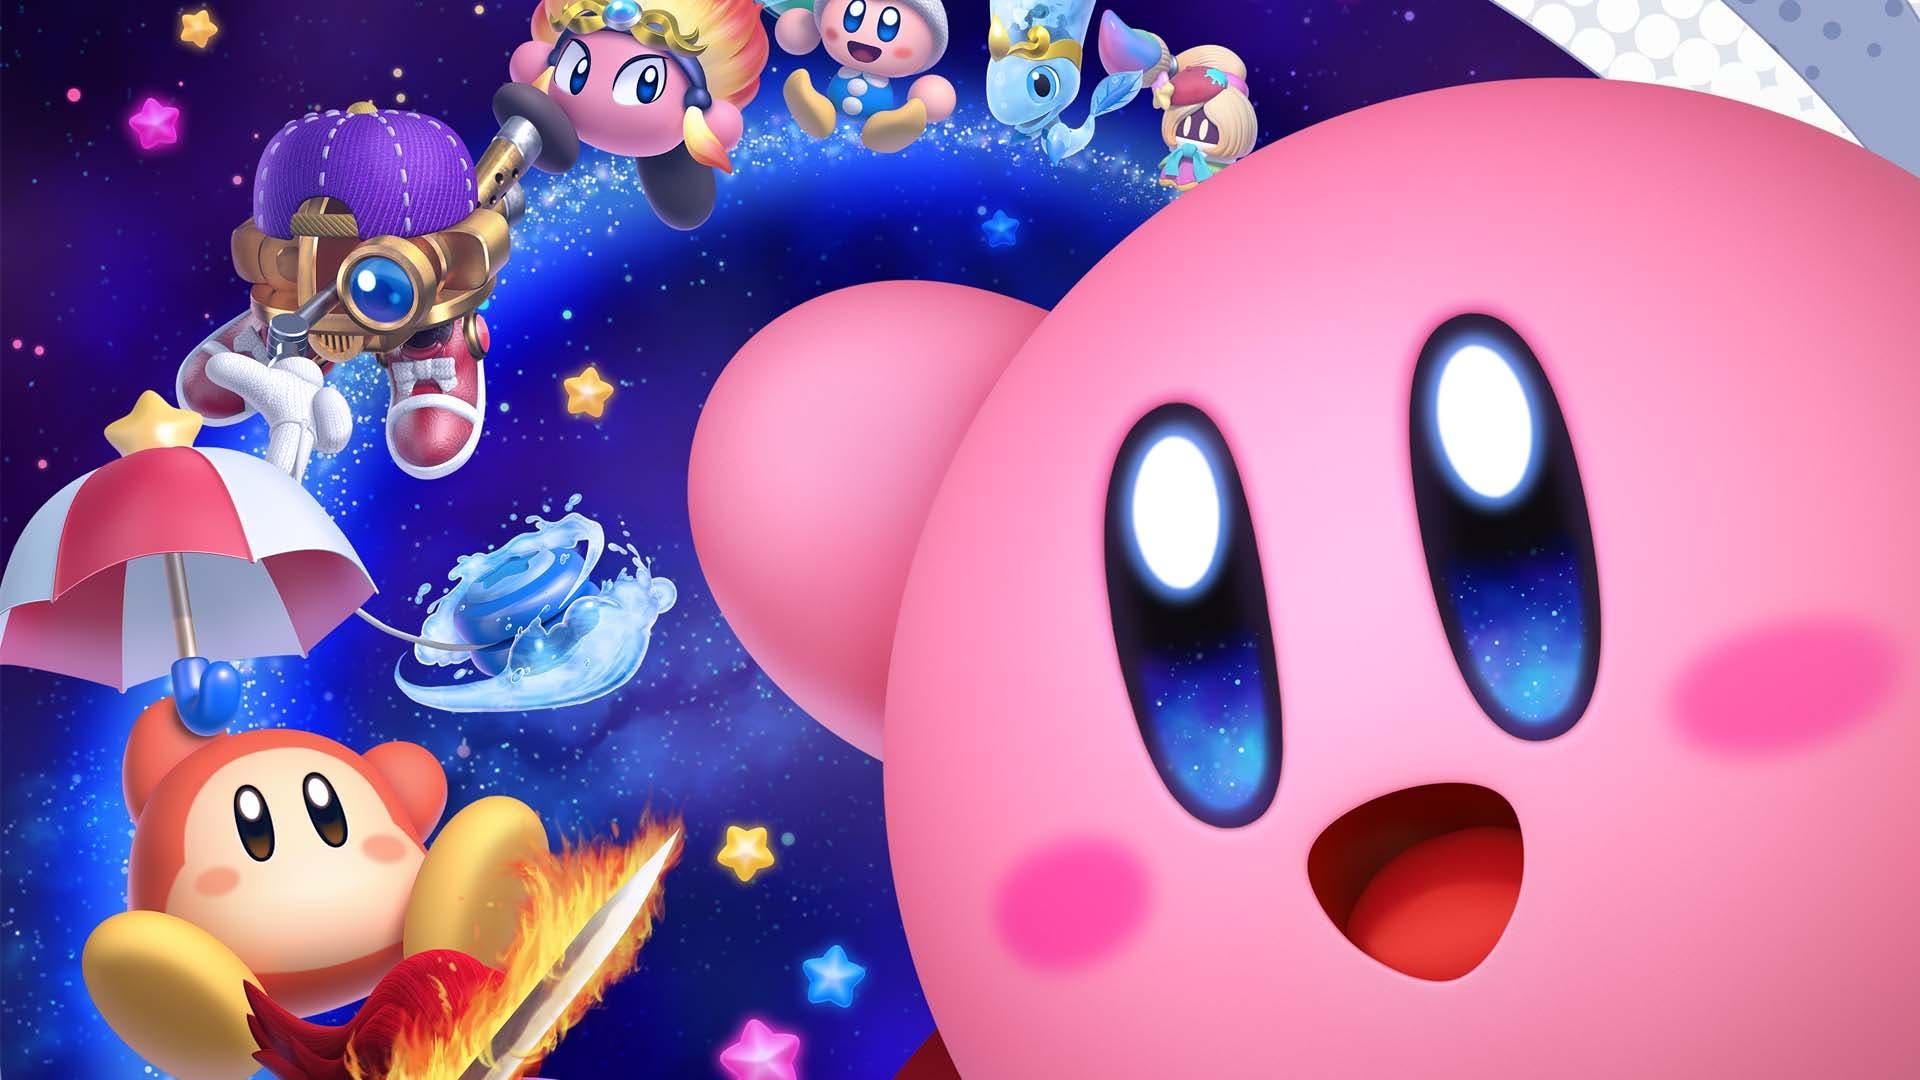 La próxima actualización de Kirby Star Allies llega este verano